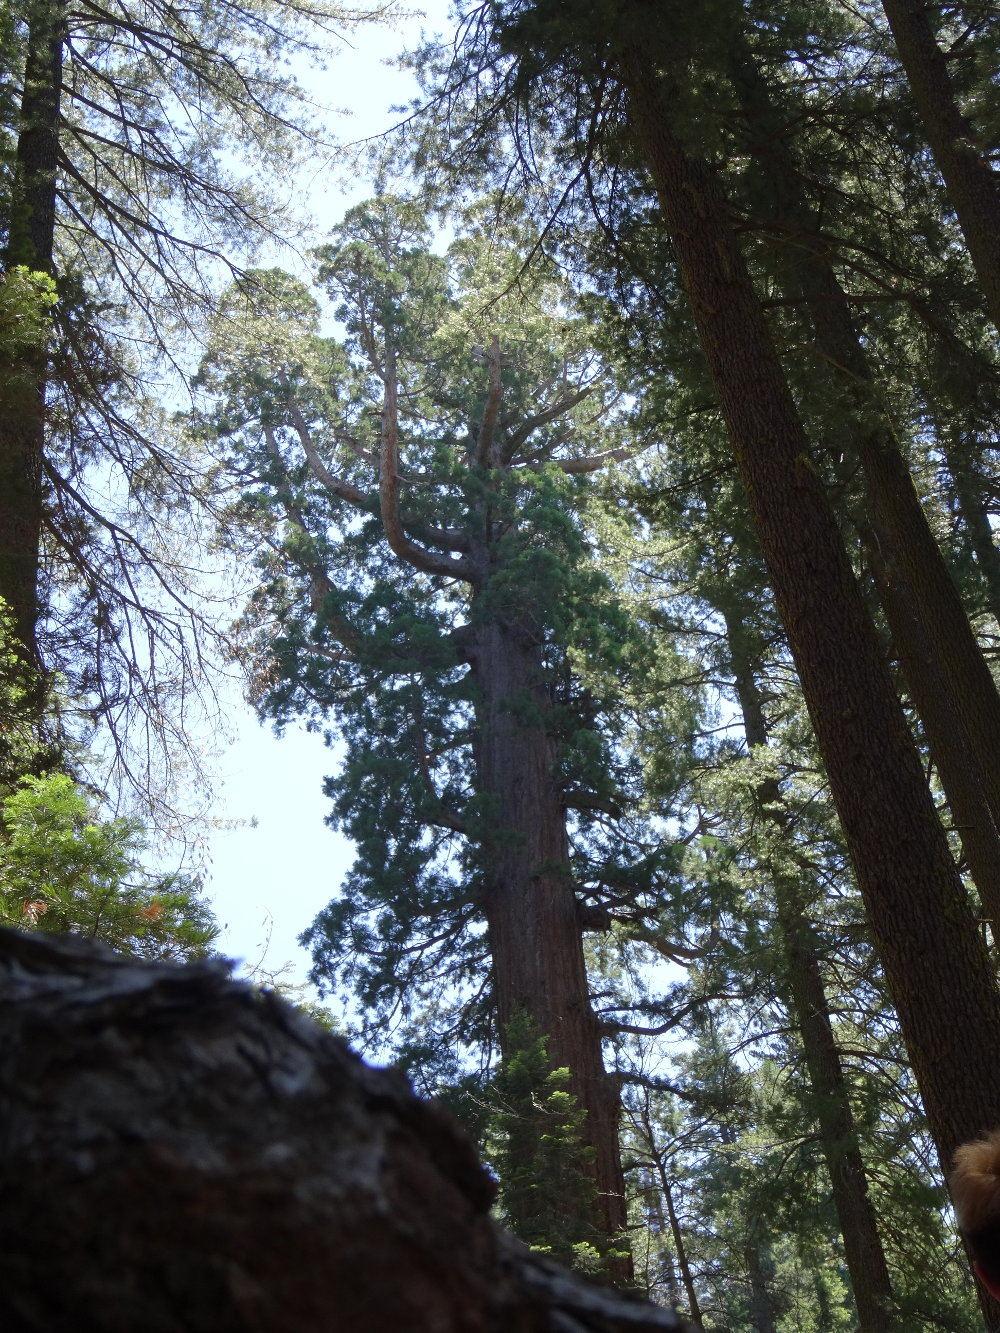 Das Astwerk ist beängstigend mächtig. - Riesenmammutbäume/Sequoias im Yosemite Nationalpark (bis zu 70m und mehr)